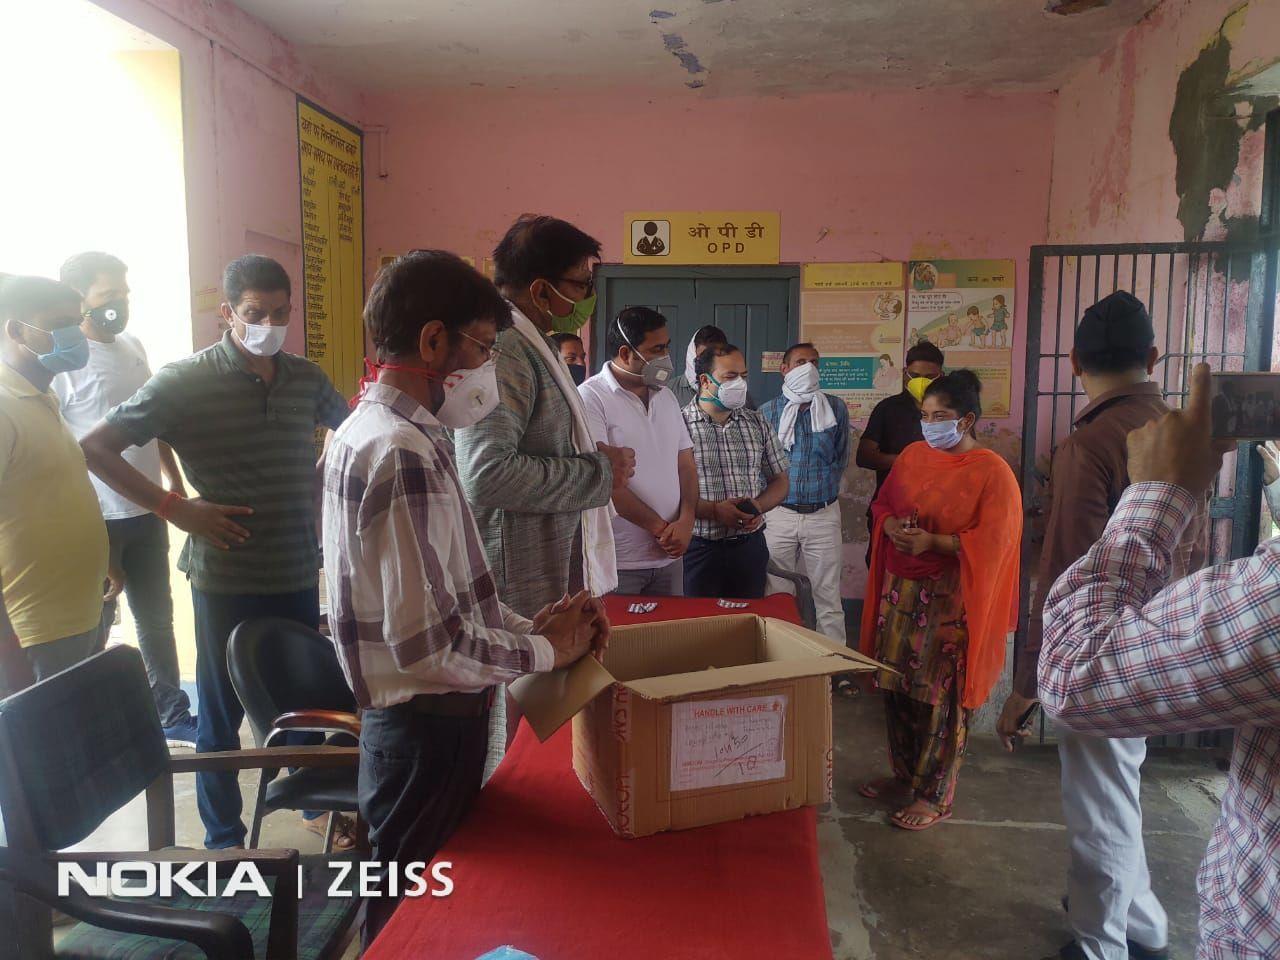 होम्योपैथिक विभाग गौतम बुद्ध नगर के आवाहन पर जेवर विधायक धीरेन्द्र सिंह ने किया आर्सेनिक एल्बम 30 का वितरण